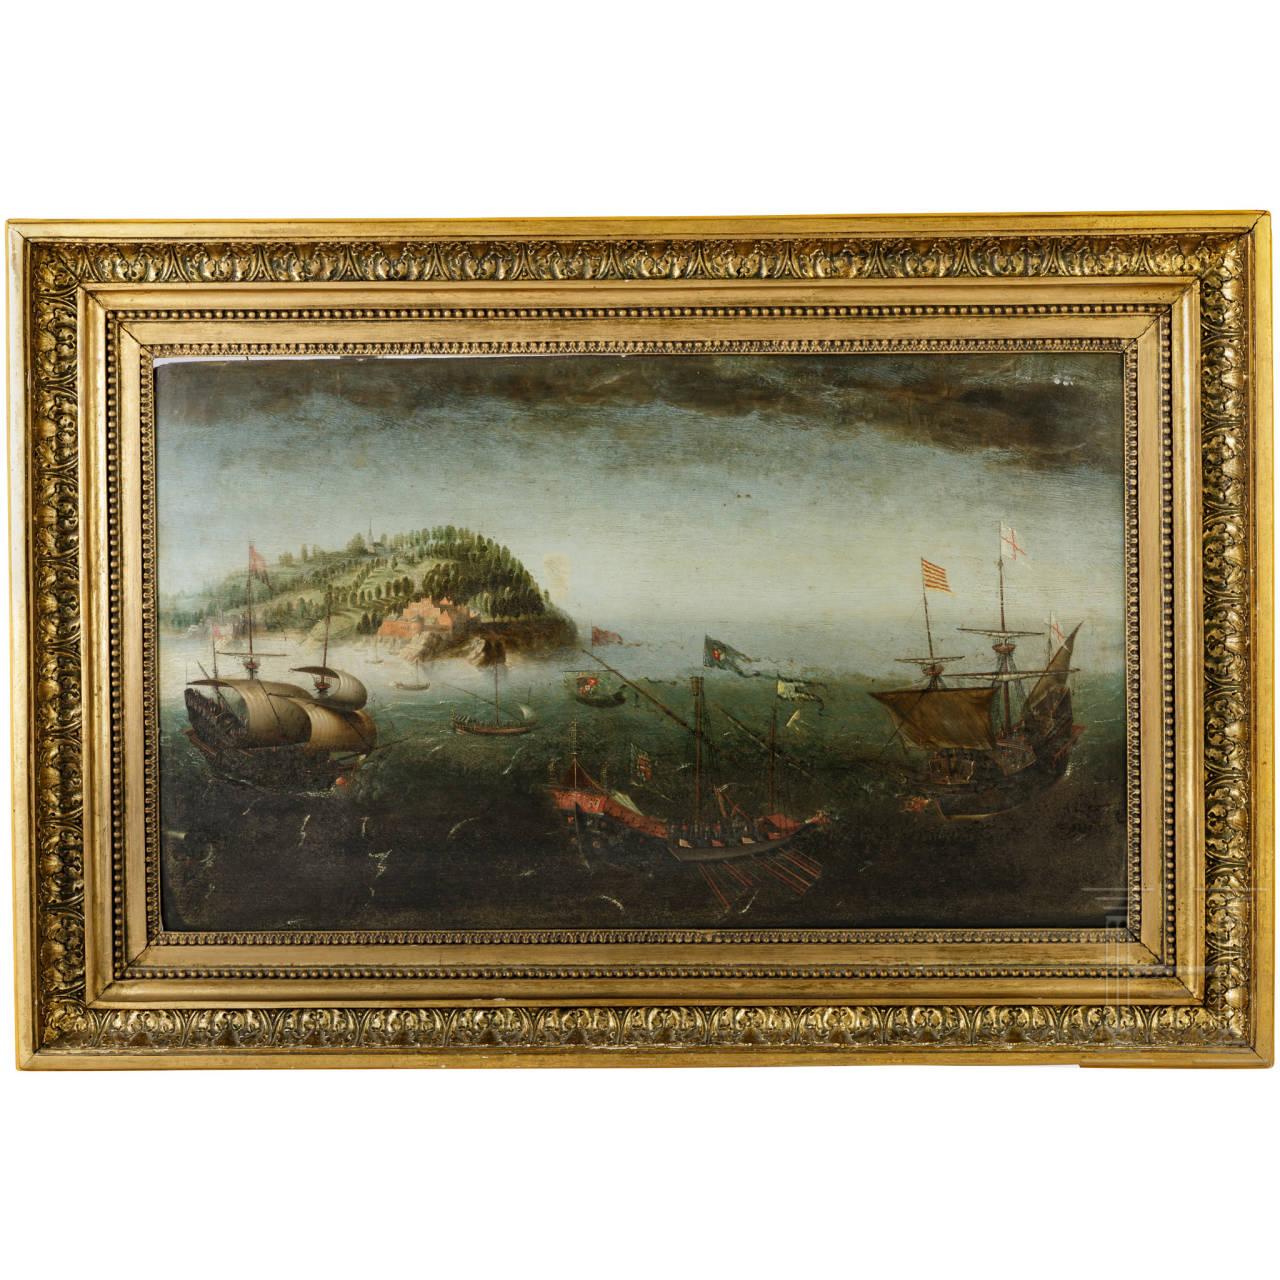 Gemälde Seeschlacht, Öl auf Holz, um 1600